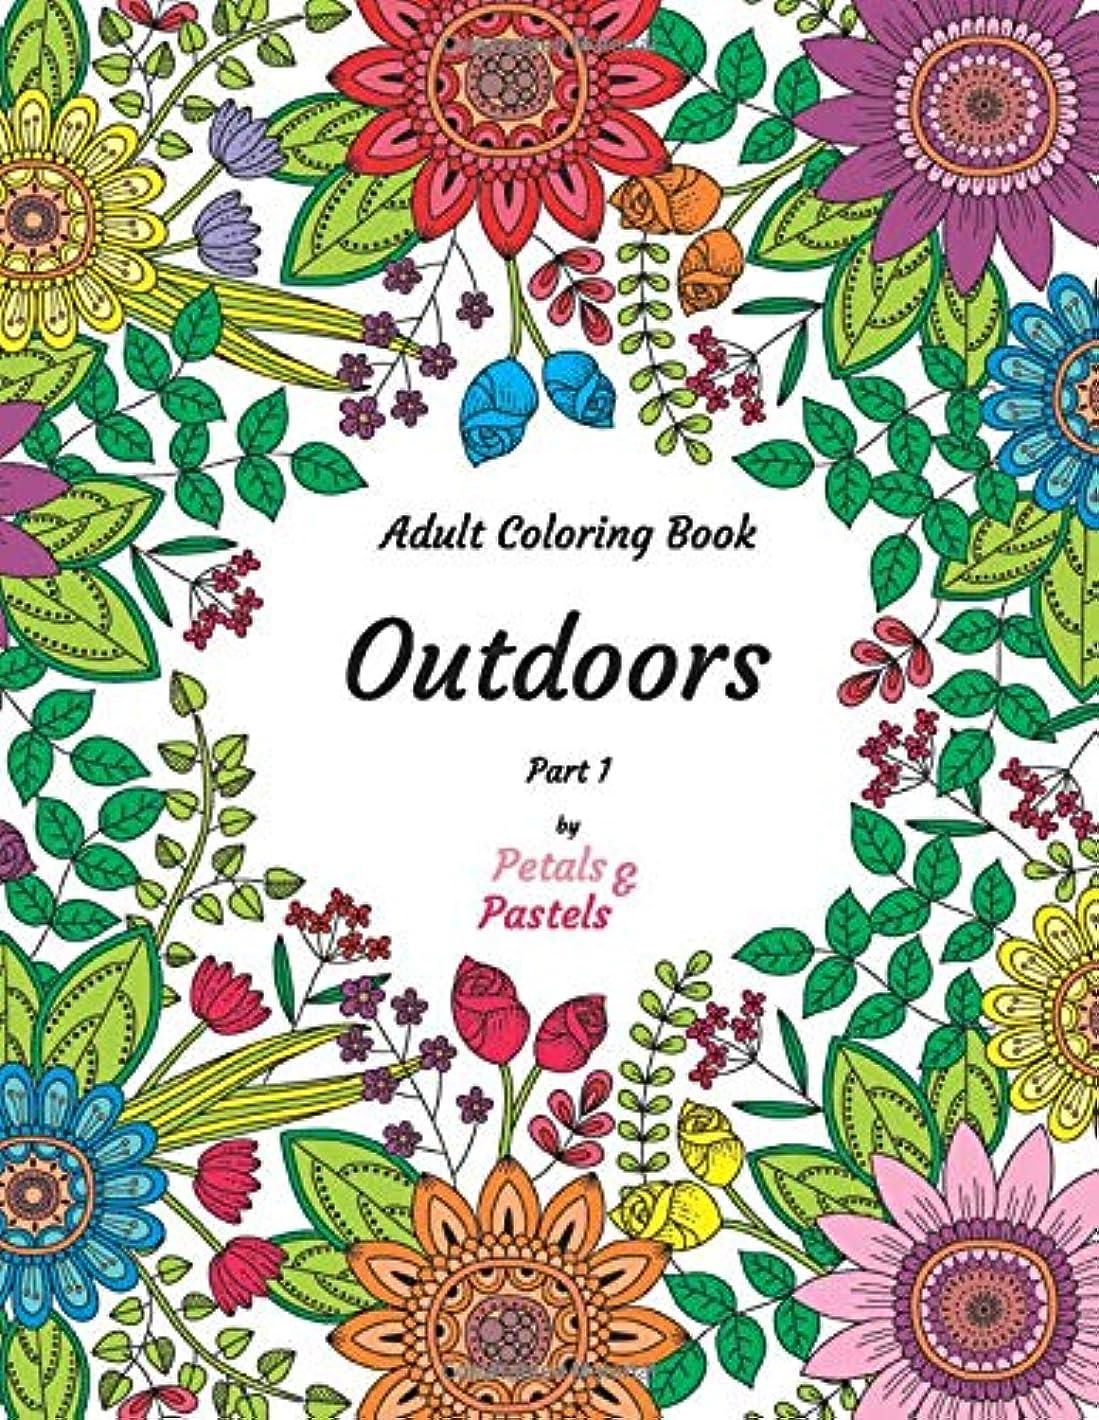 ビュッフェ着る暗殺Outdoors - Adult Coloring Book - Part 1